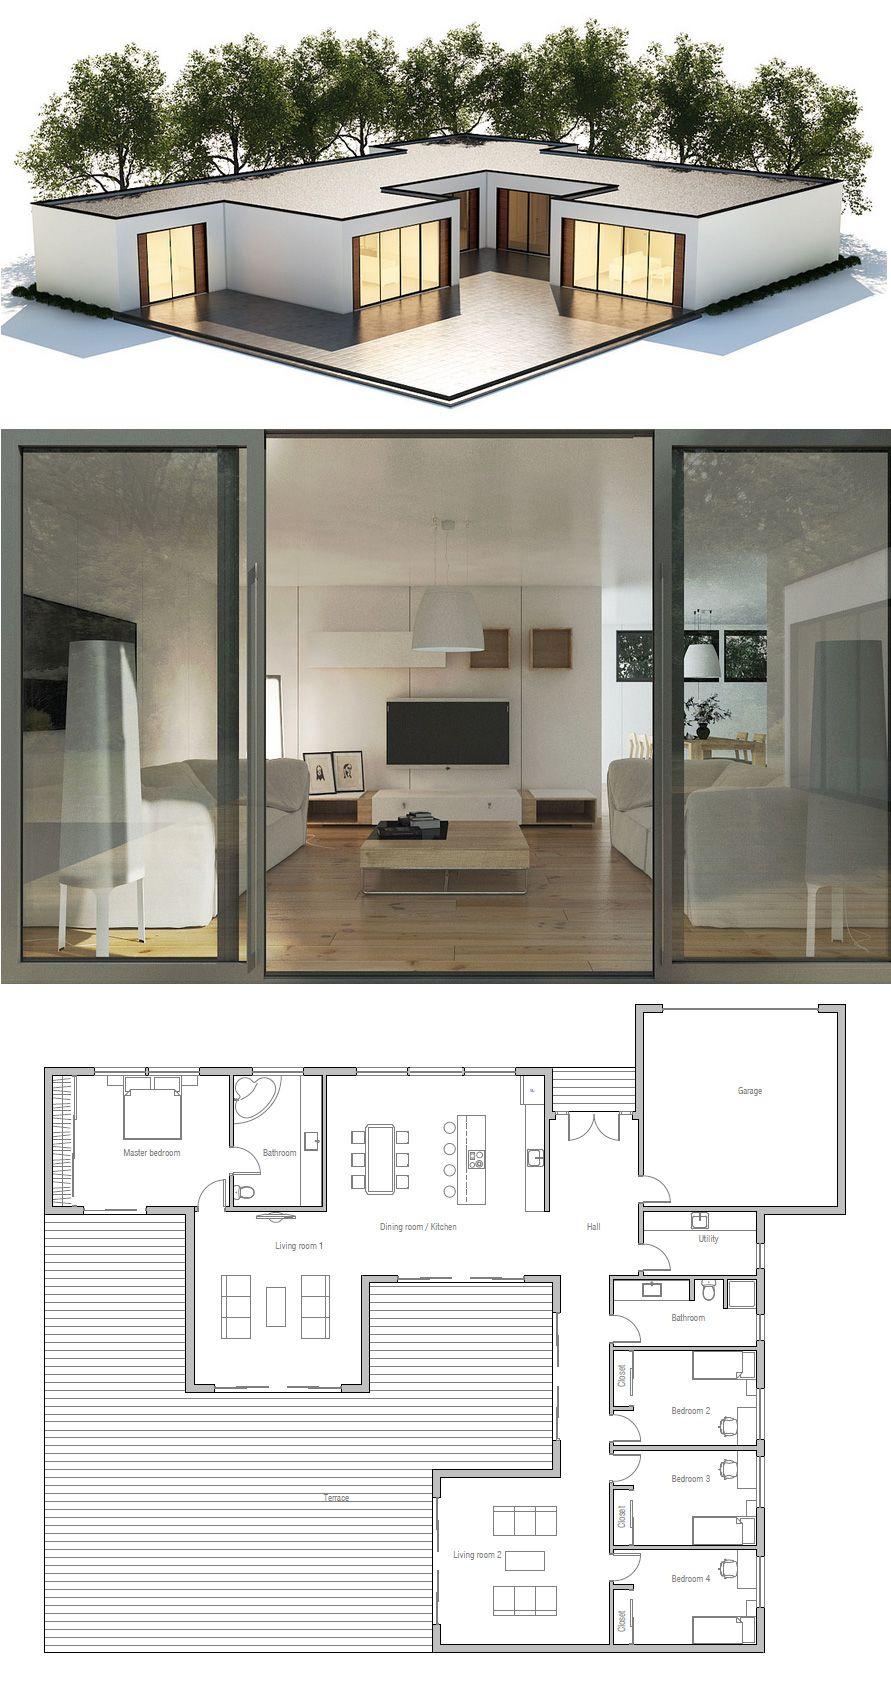 Les 25 meilleures id es de la cat gorie plan maison sur pinterest plan de la maison un tage Modern residential house plans